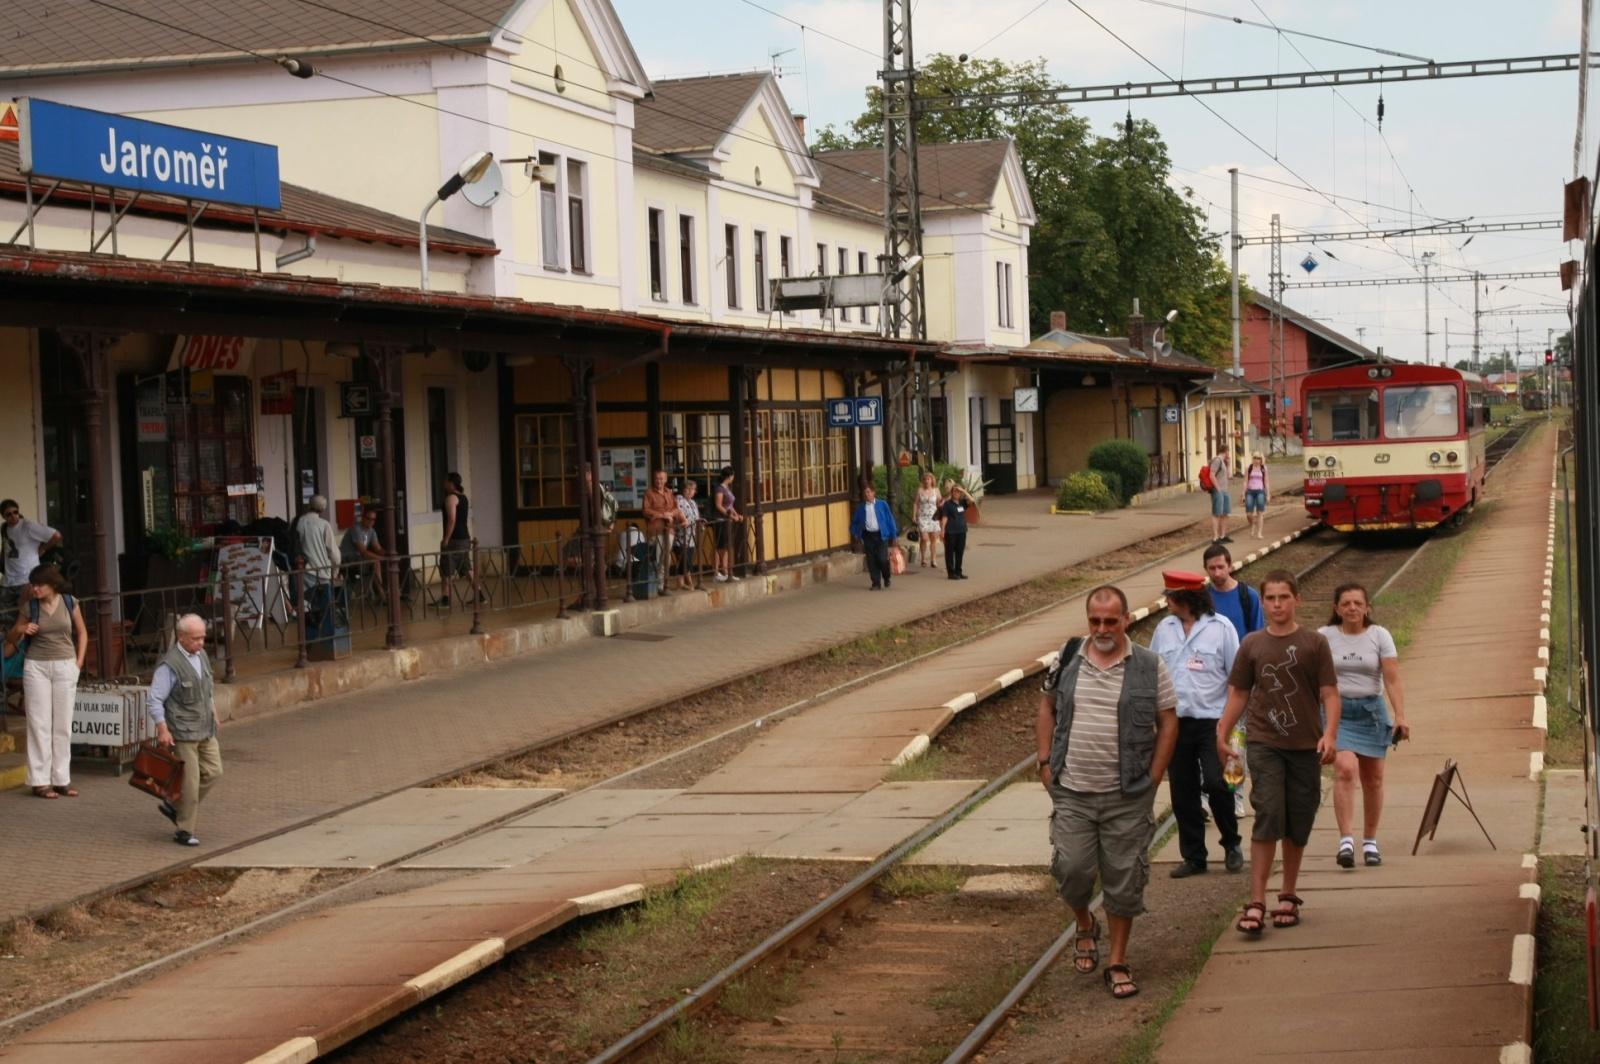 Jaroměř international train station